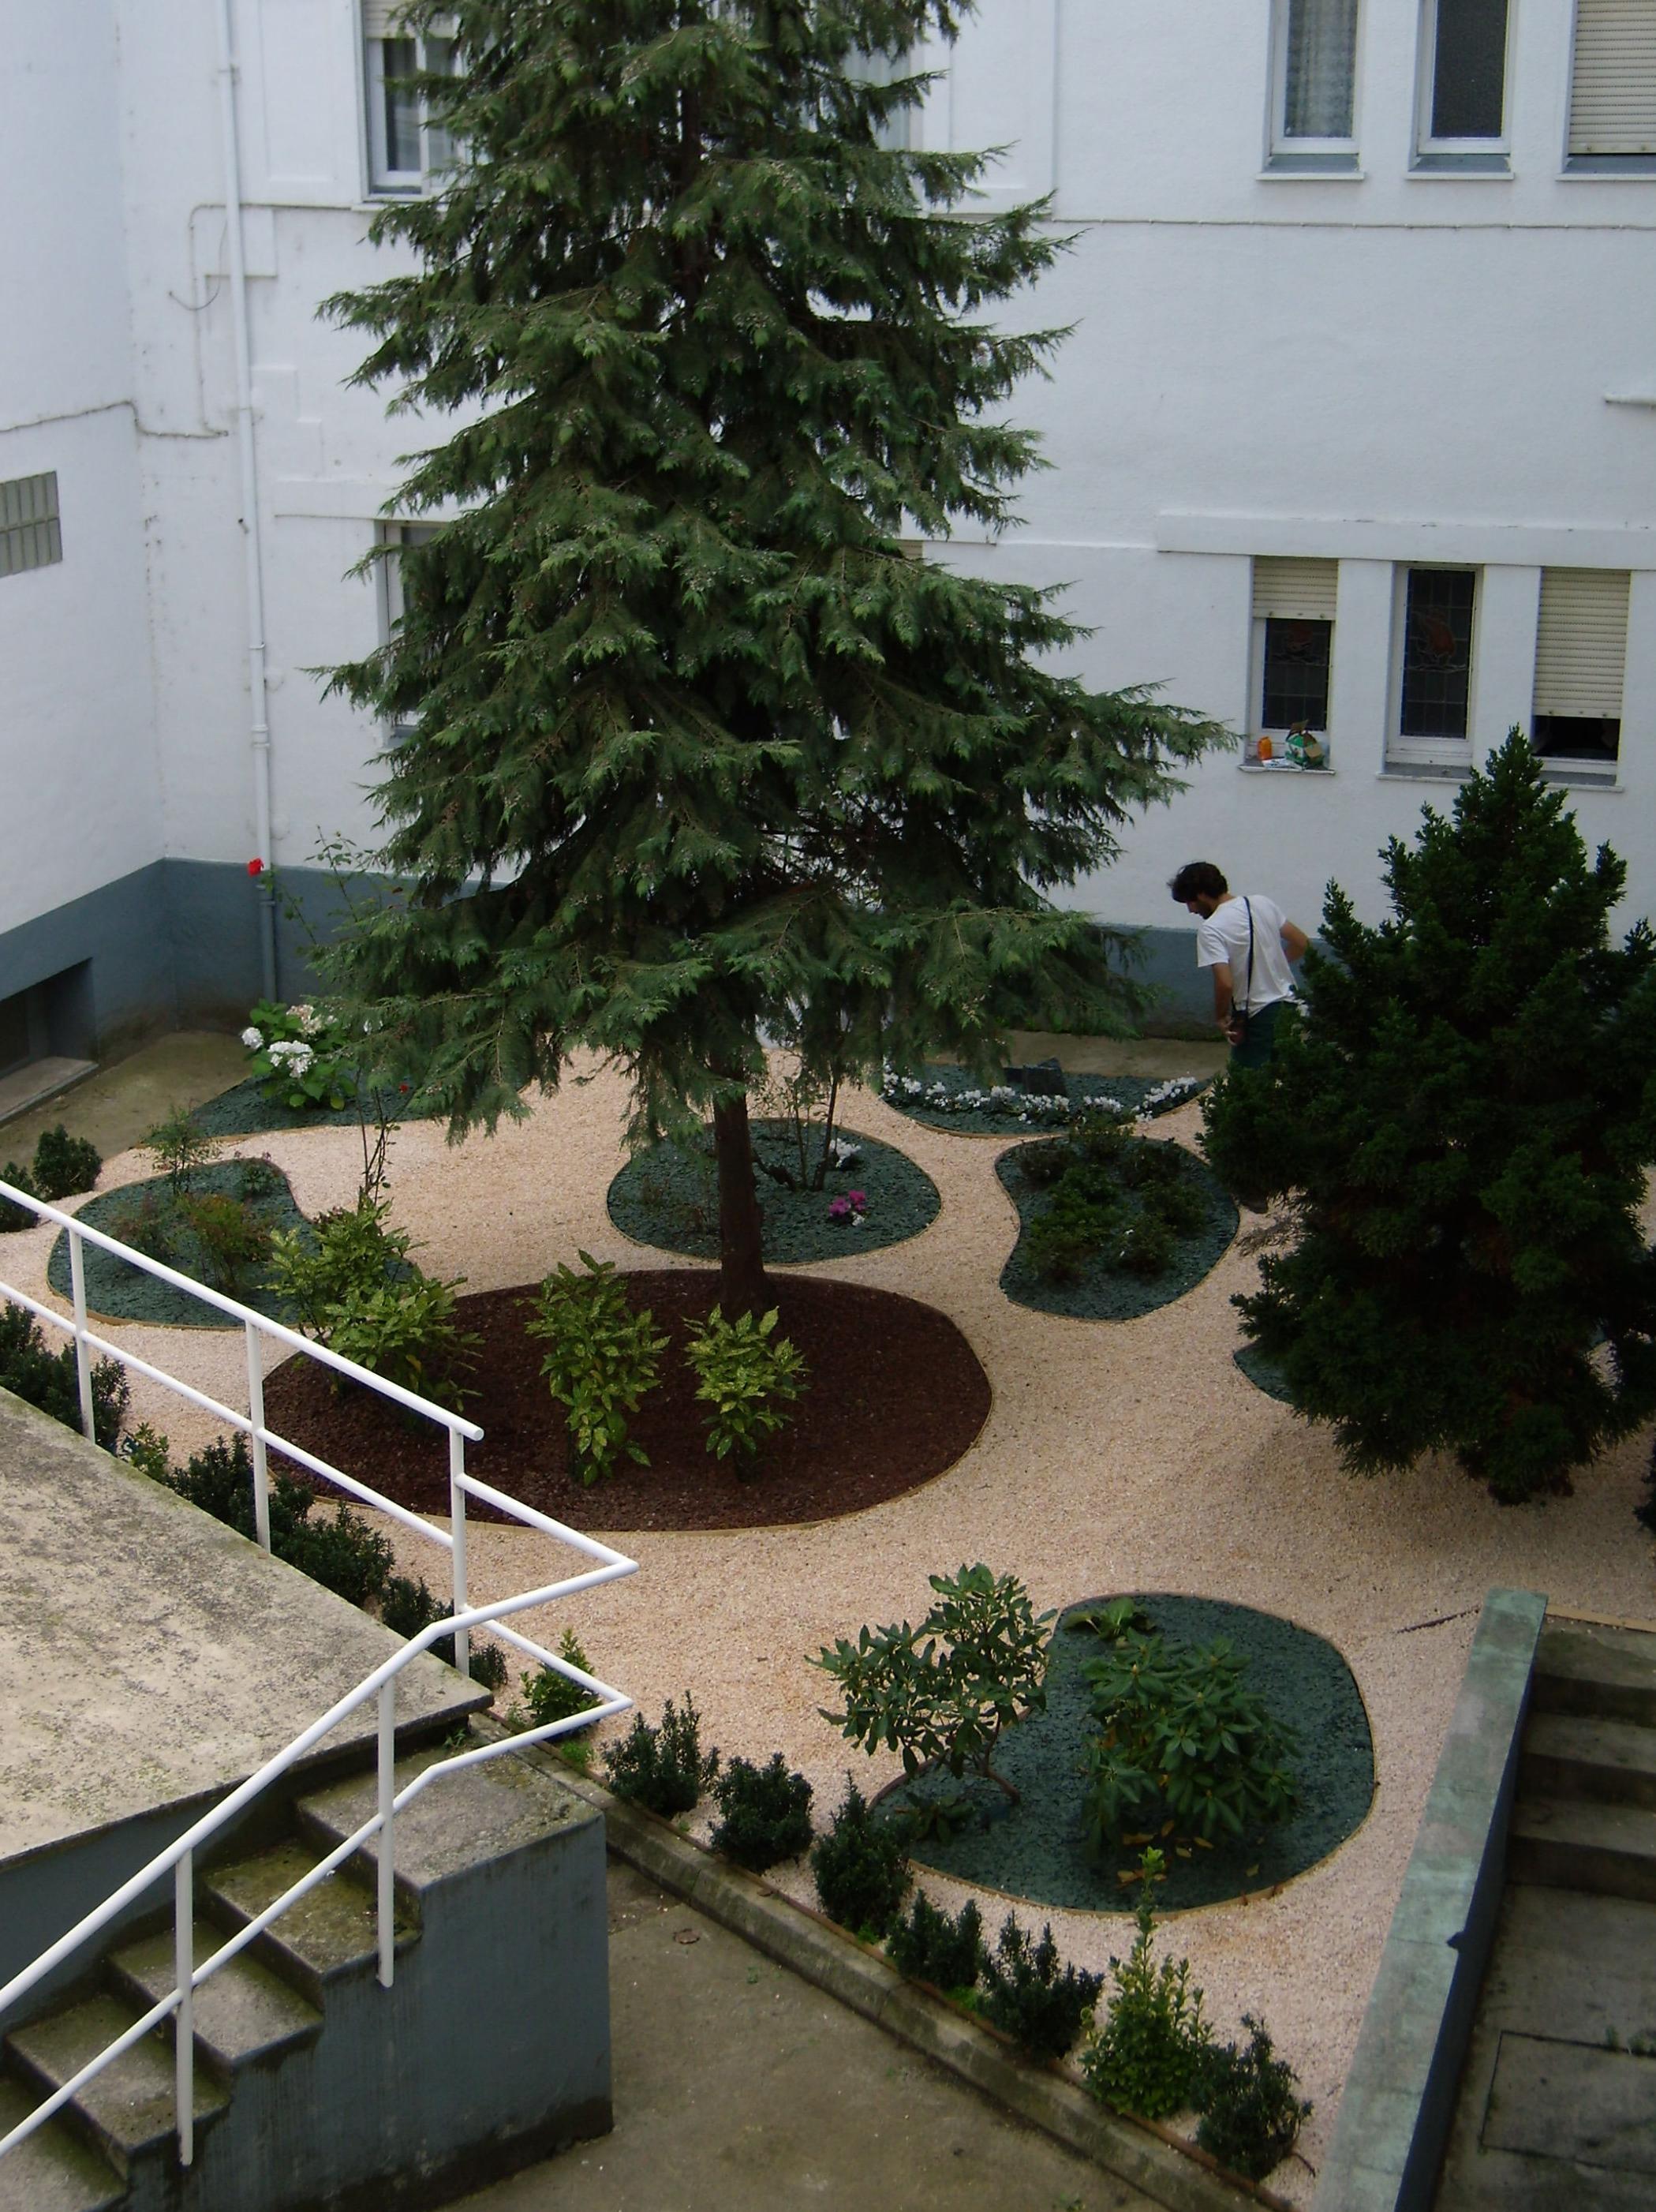 Diseño jardín. Aridos. Delimitadores. Parterre. Xerojardinería. Patios. Arbustos.